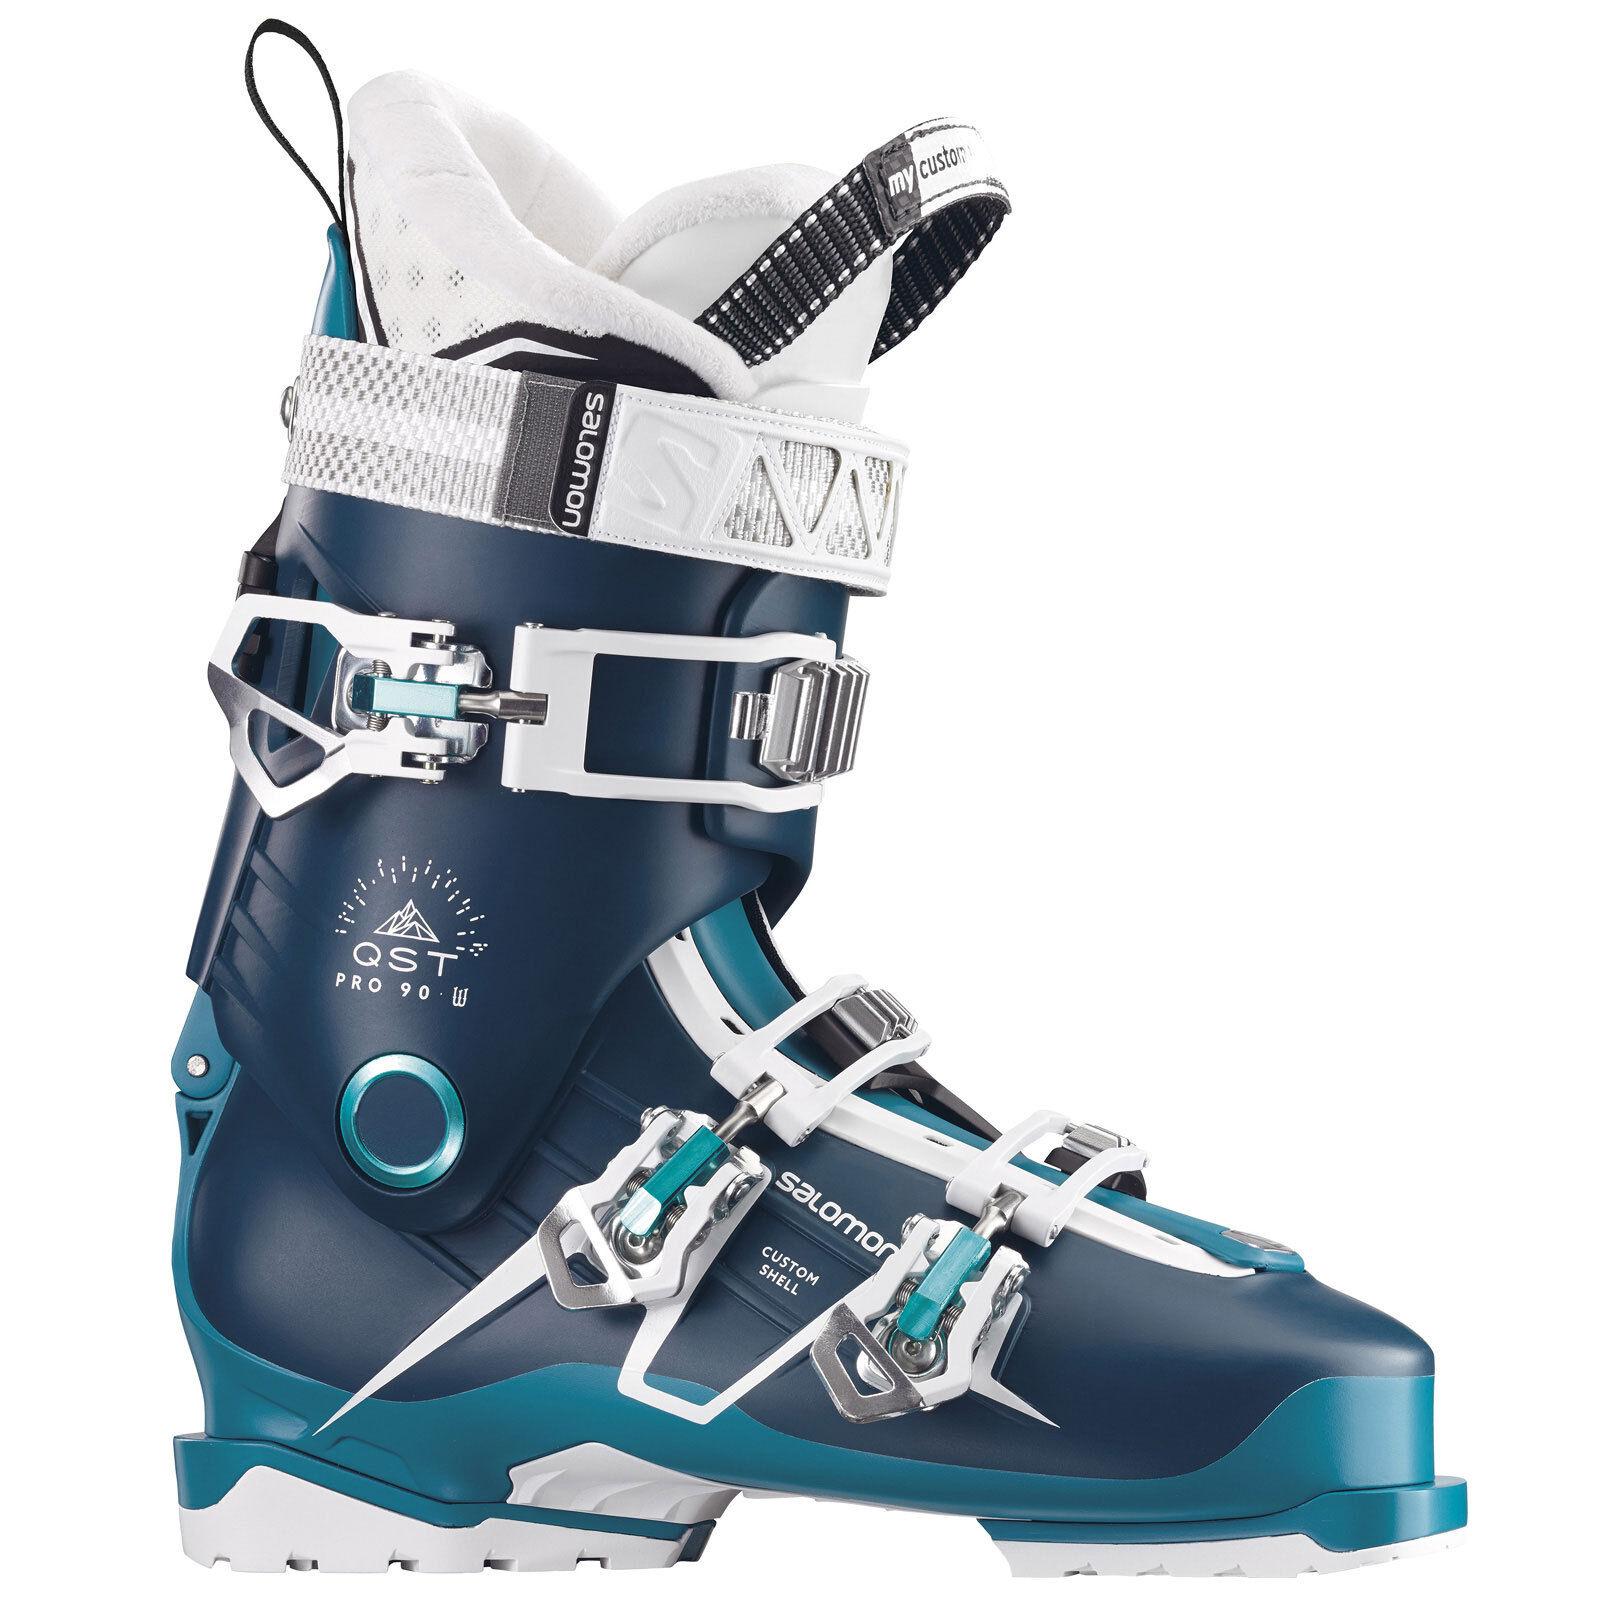 Salomon Qst pro 90 W Ladies Ski Boot Ski shoes Skiboot all Mountain Piste New